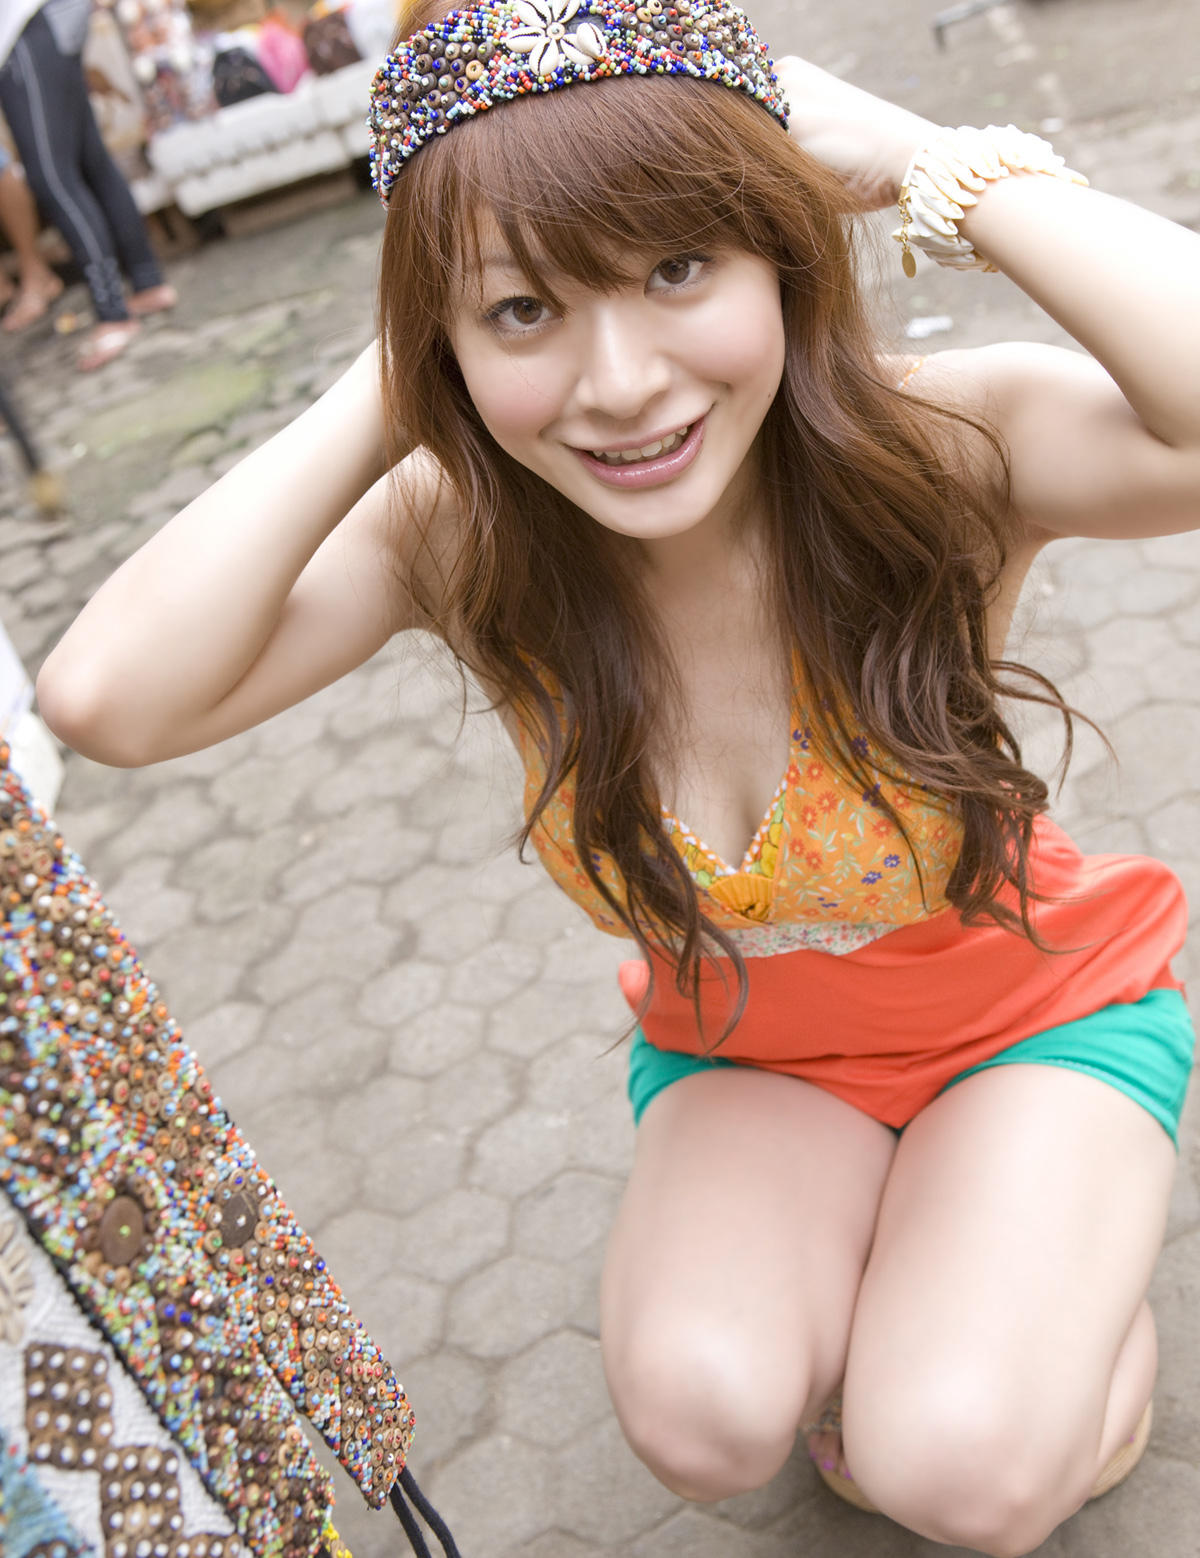 八田亜矢子 セクシー上目遣い 谷間 太もも 笑顔 エロかわいい画像